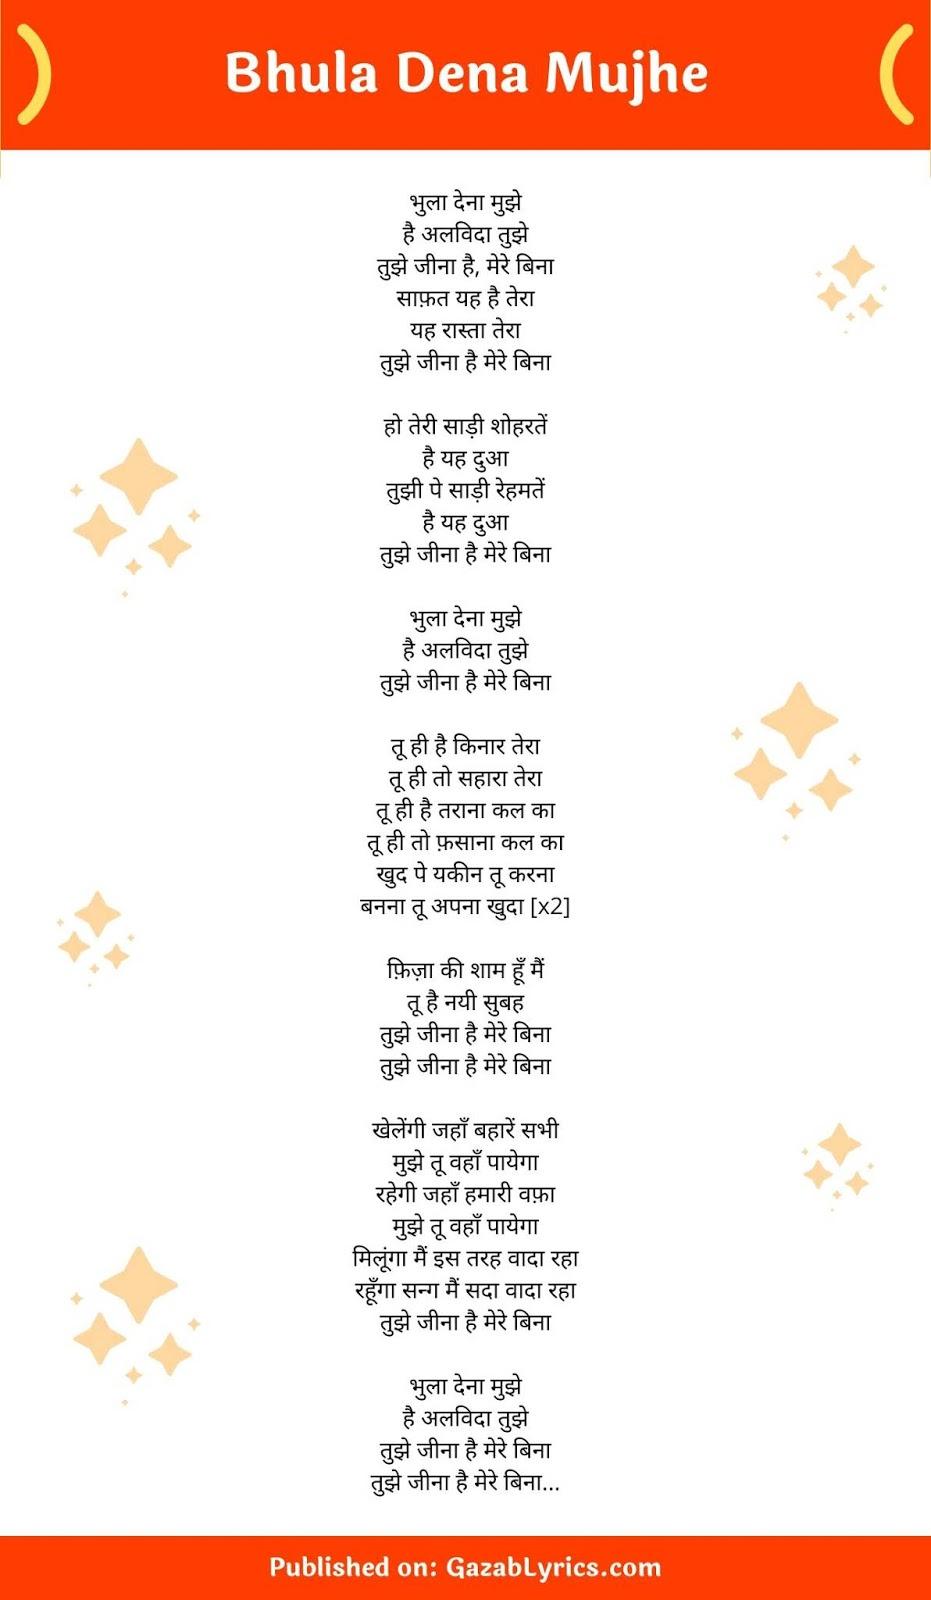 Bhula Dena Mujhe lyrics image